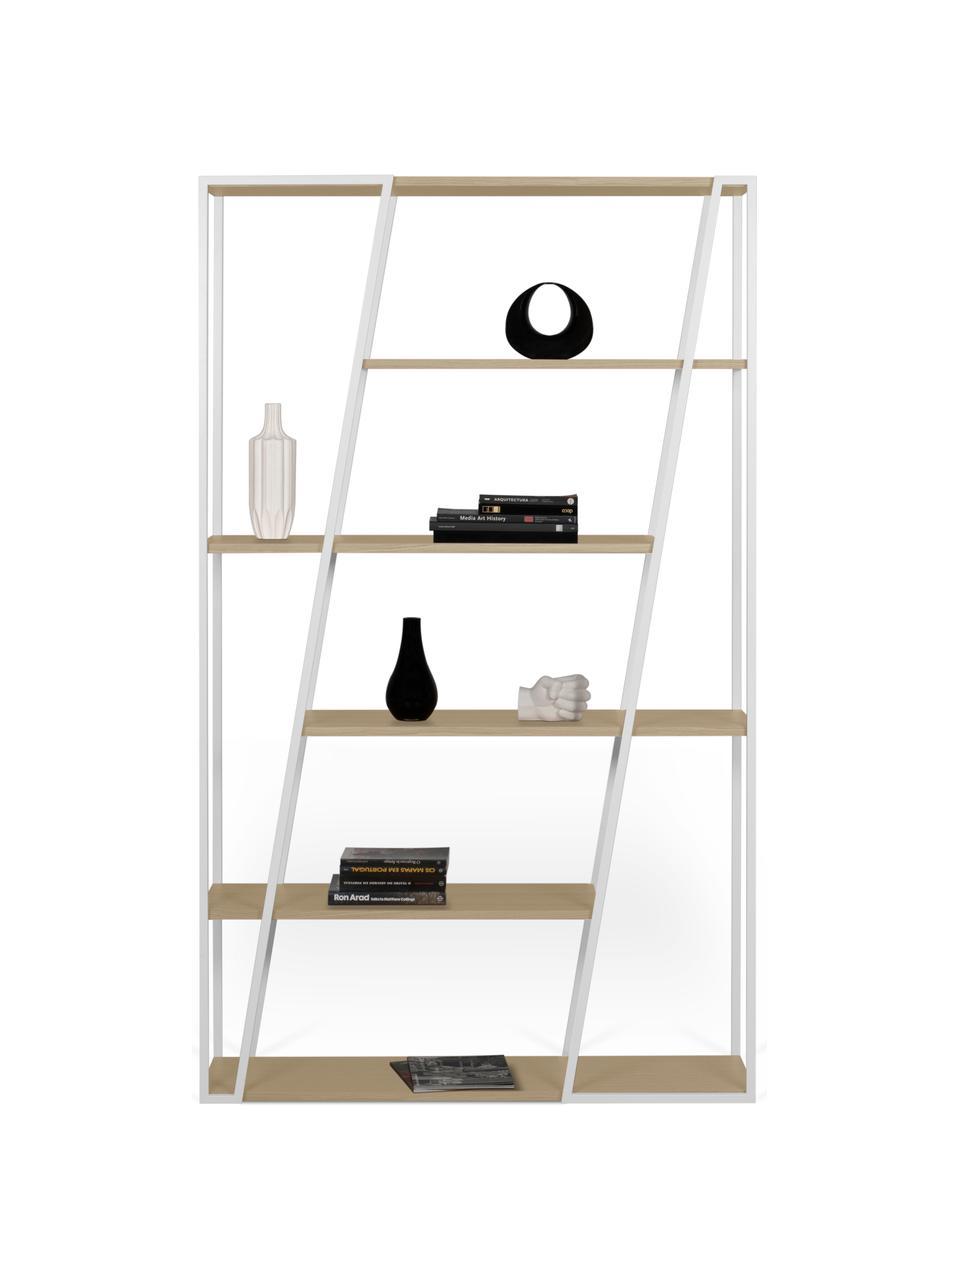 Standregal Albi aus Holz und Metall, Gestell: Metall, beschichtet, Regalboden: Mitteldichte Holzfaserpla, Weiß, Eichenholz, 120 x 197 cm